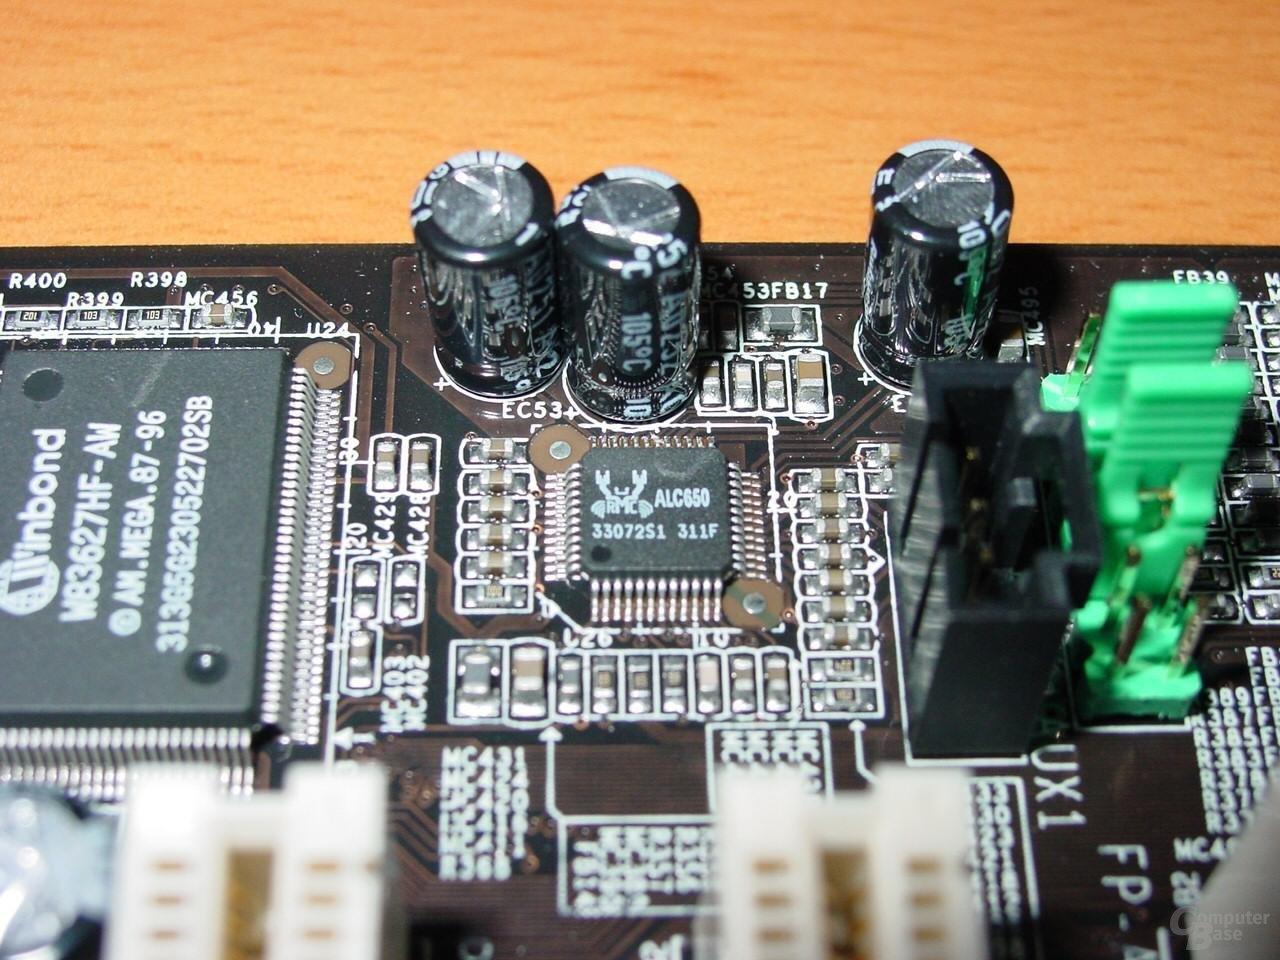 Abit IC7-G - ALC650